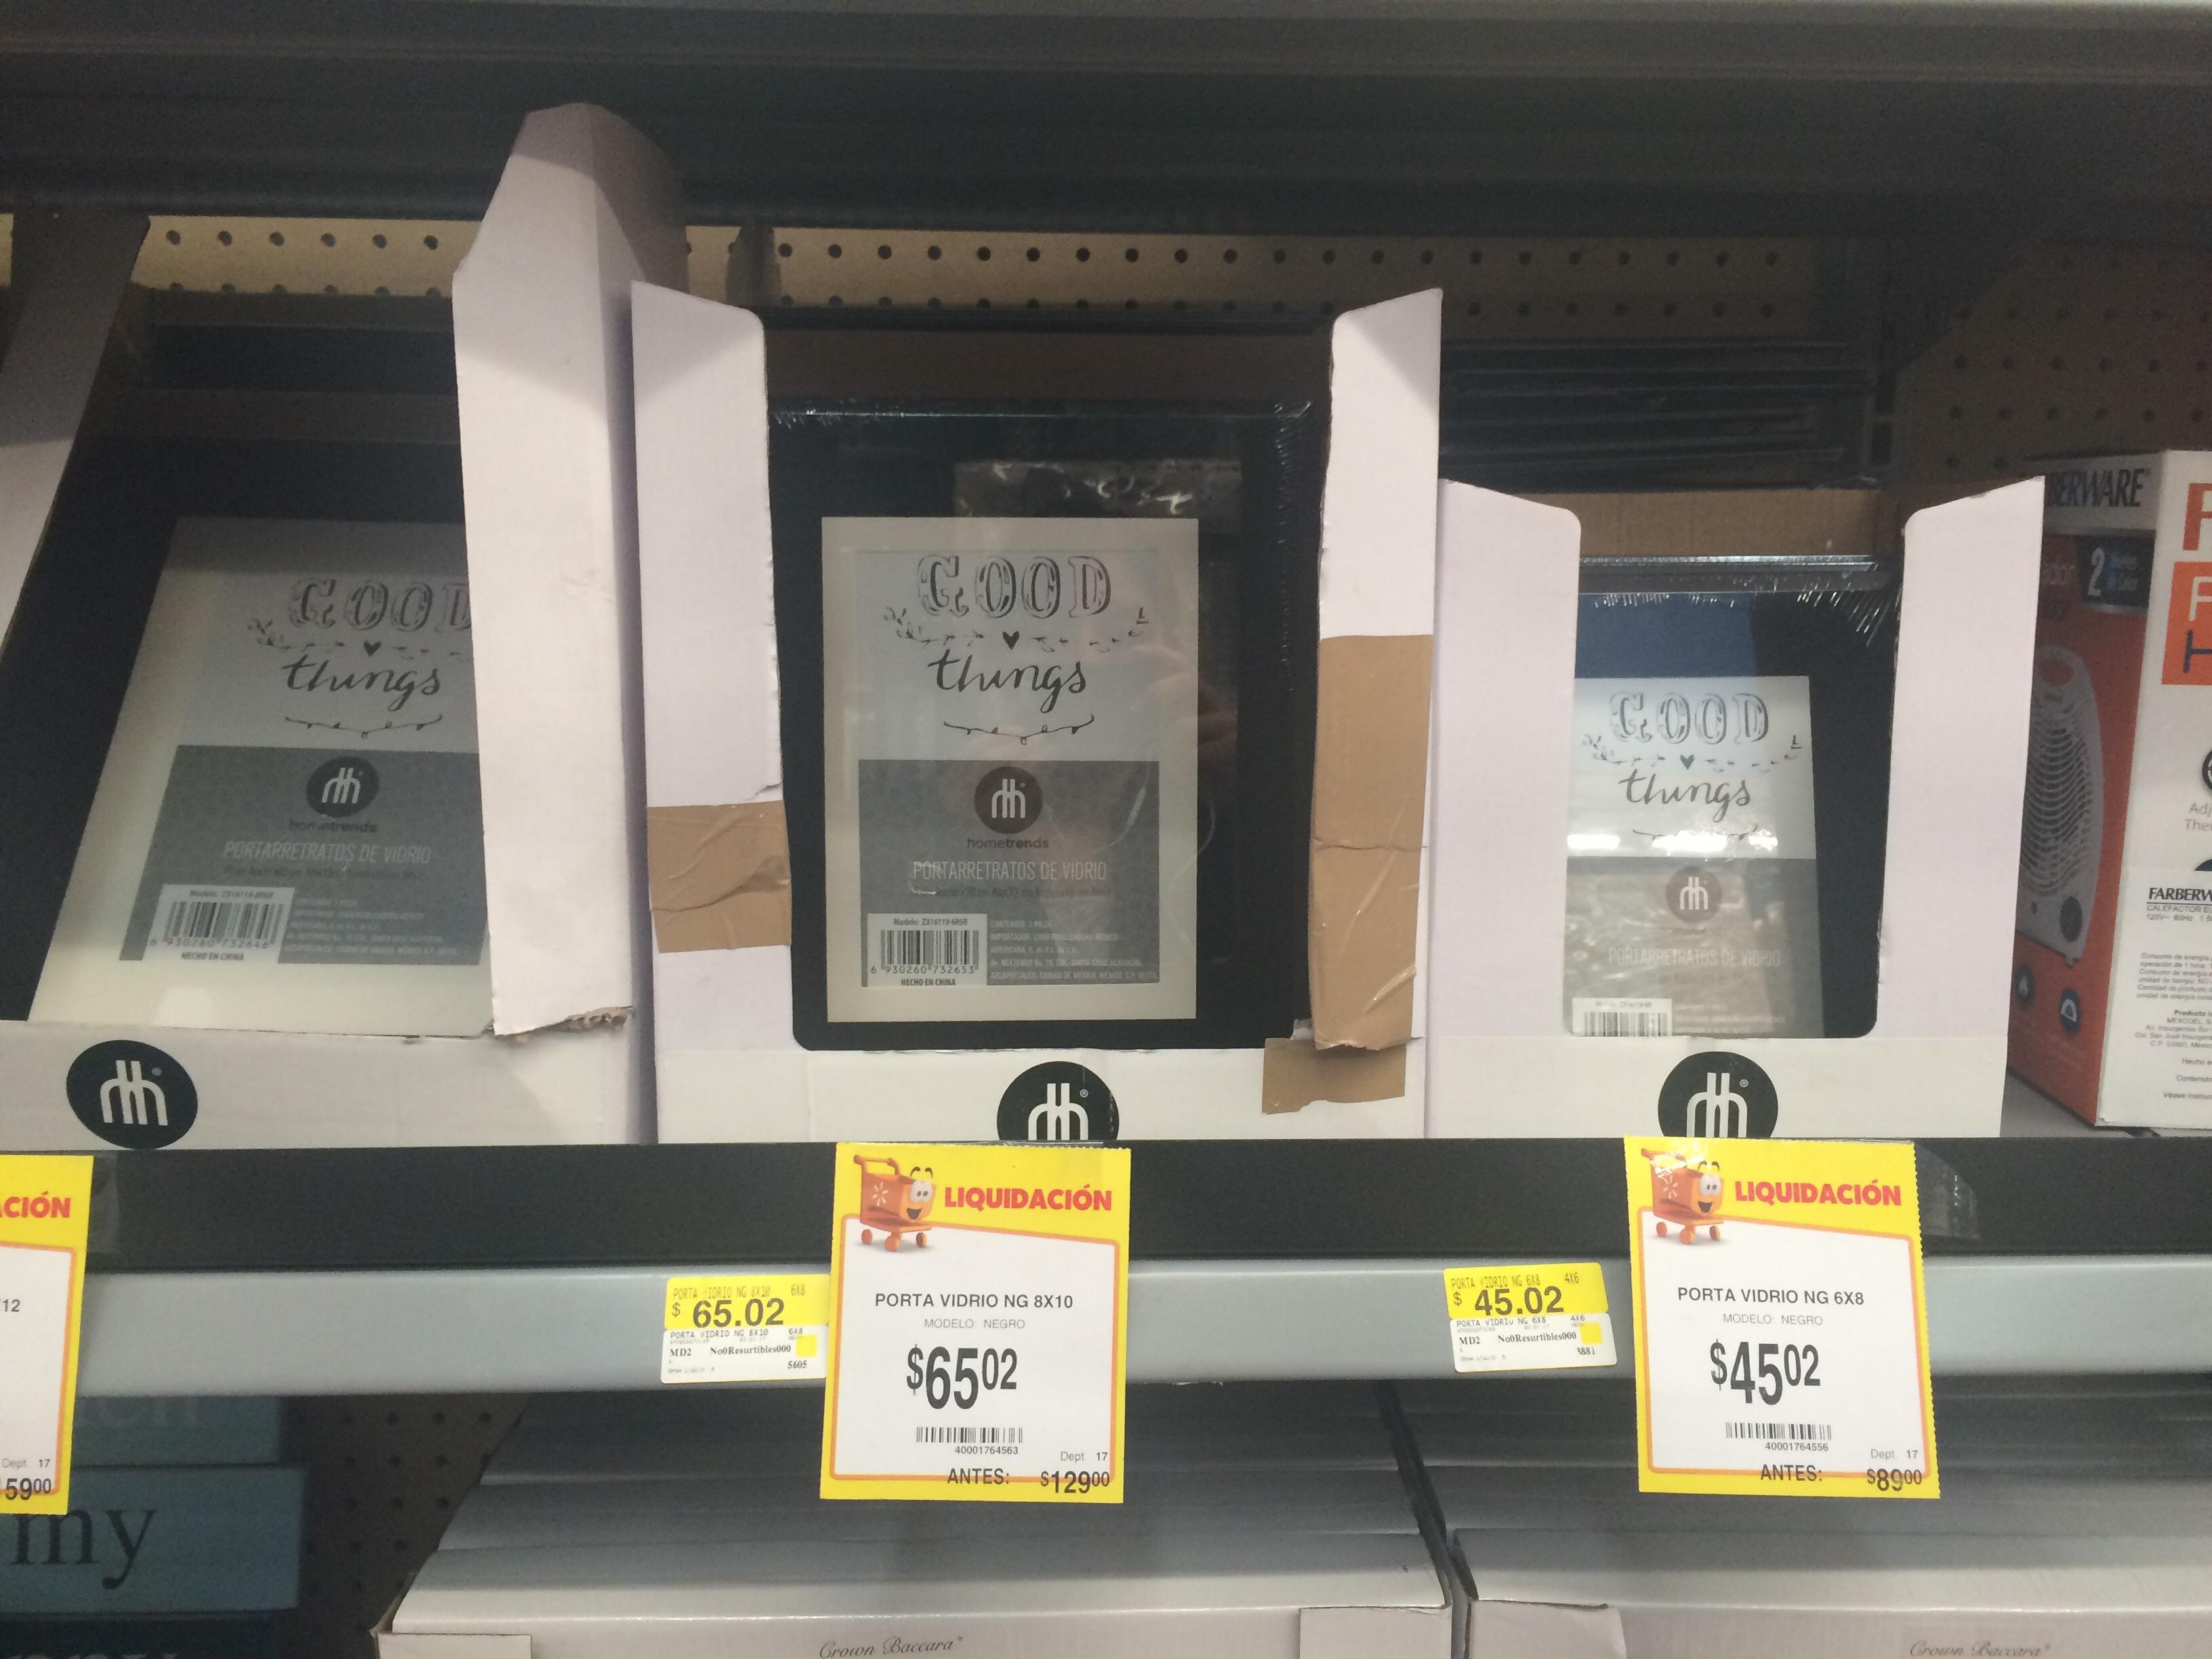 Walmart Perisur CDMX: Portarretratos de vidrio y mas